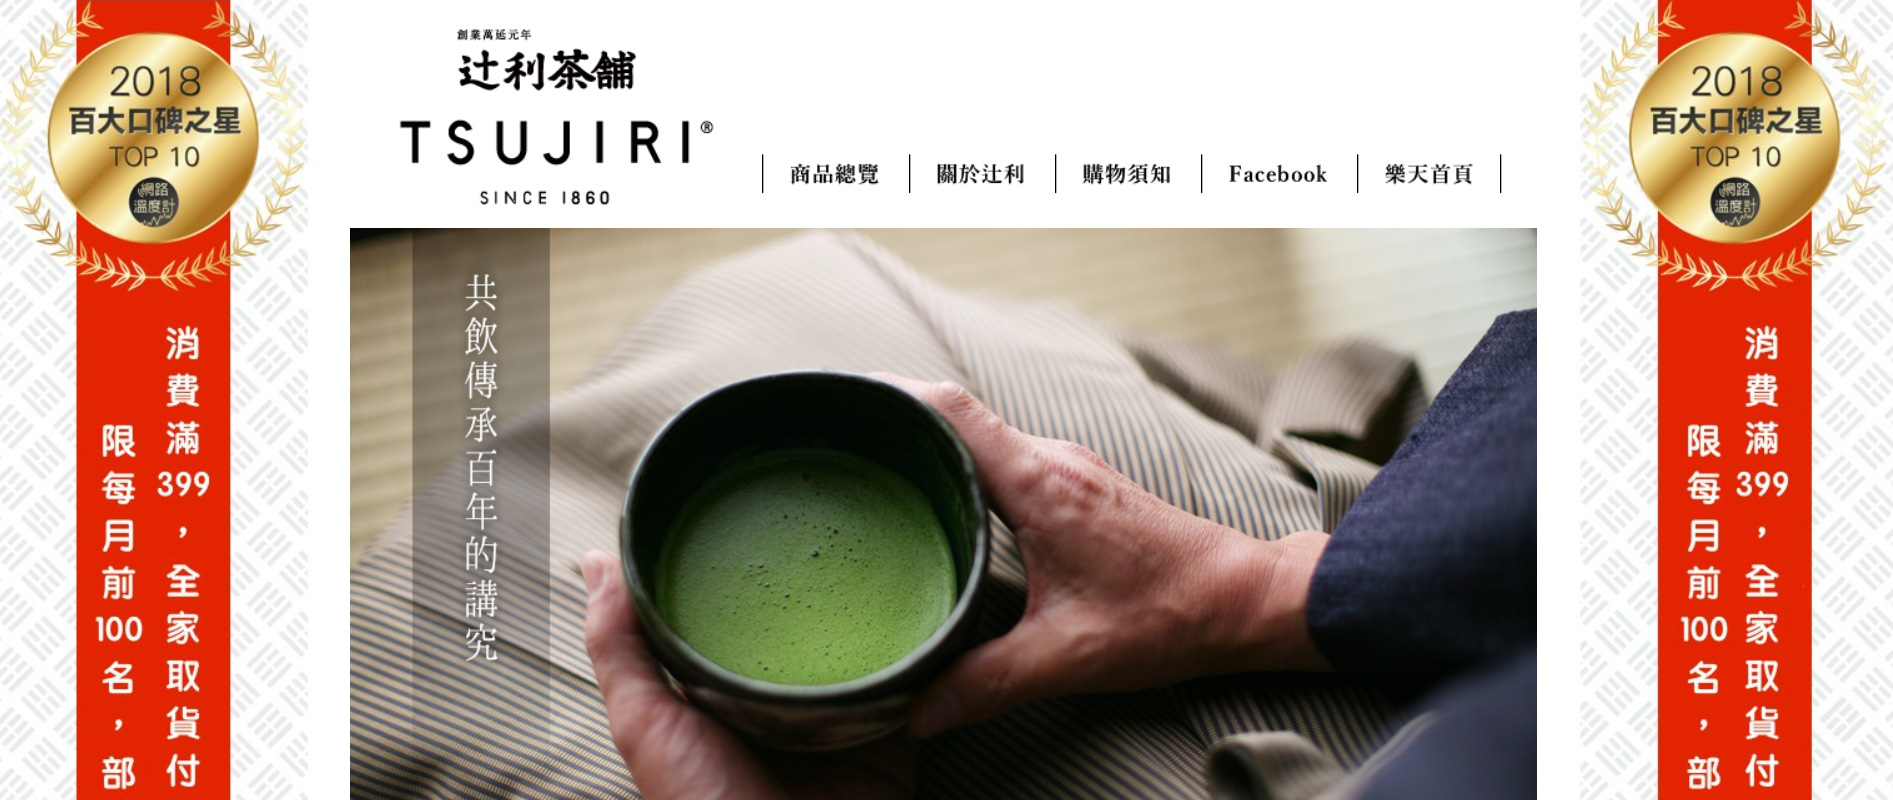 抹茶控的天堂來自日本最有質感的辻利茶舗慶開幕!